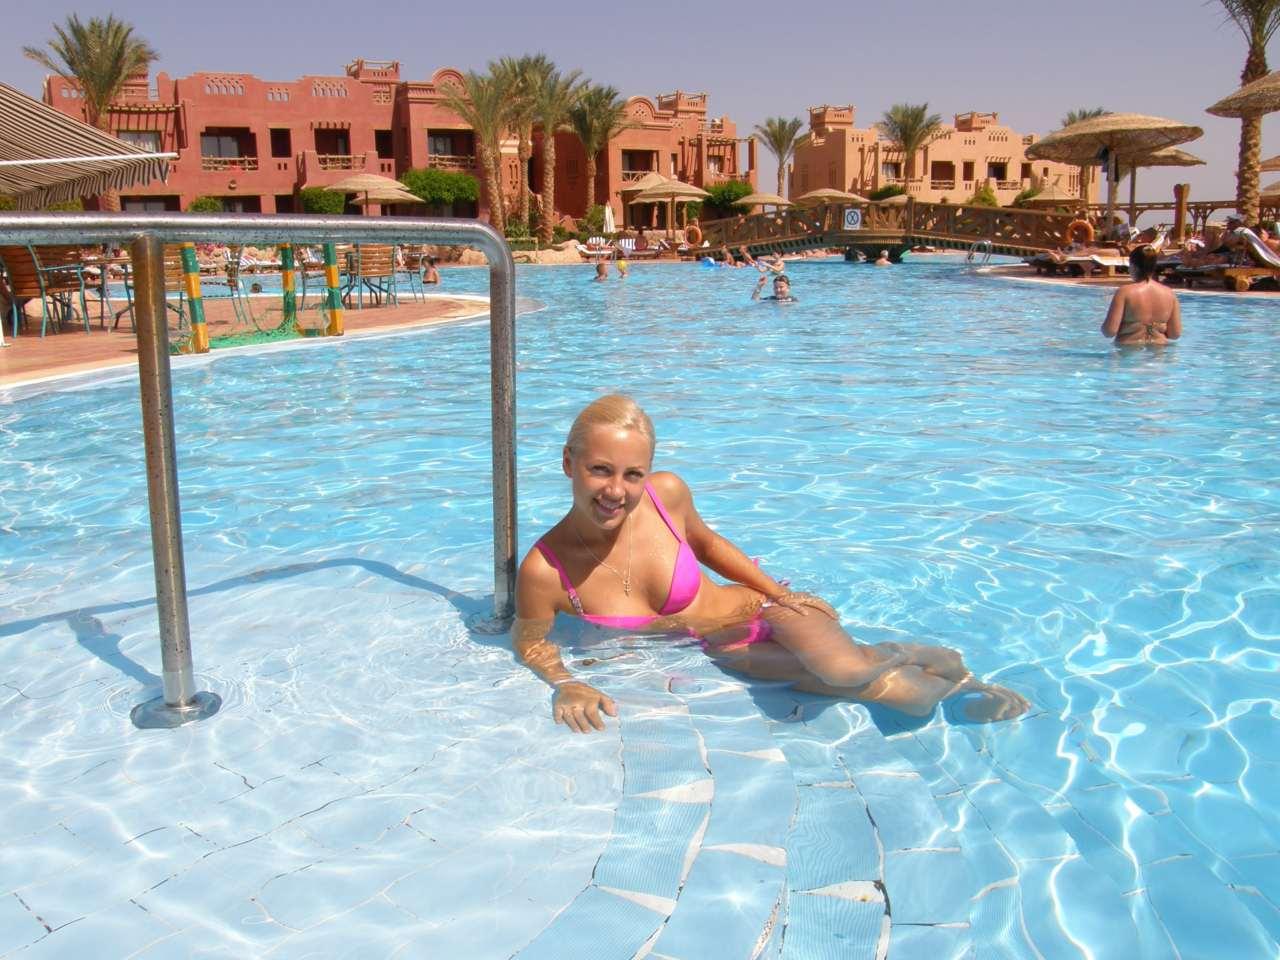 Фото голых девок в египте, Голая египтянка мечта фараона 8 фотография